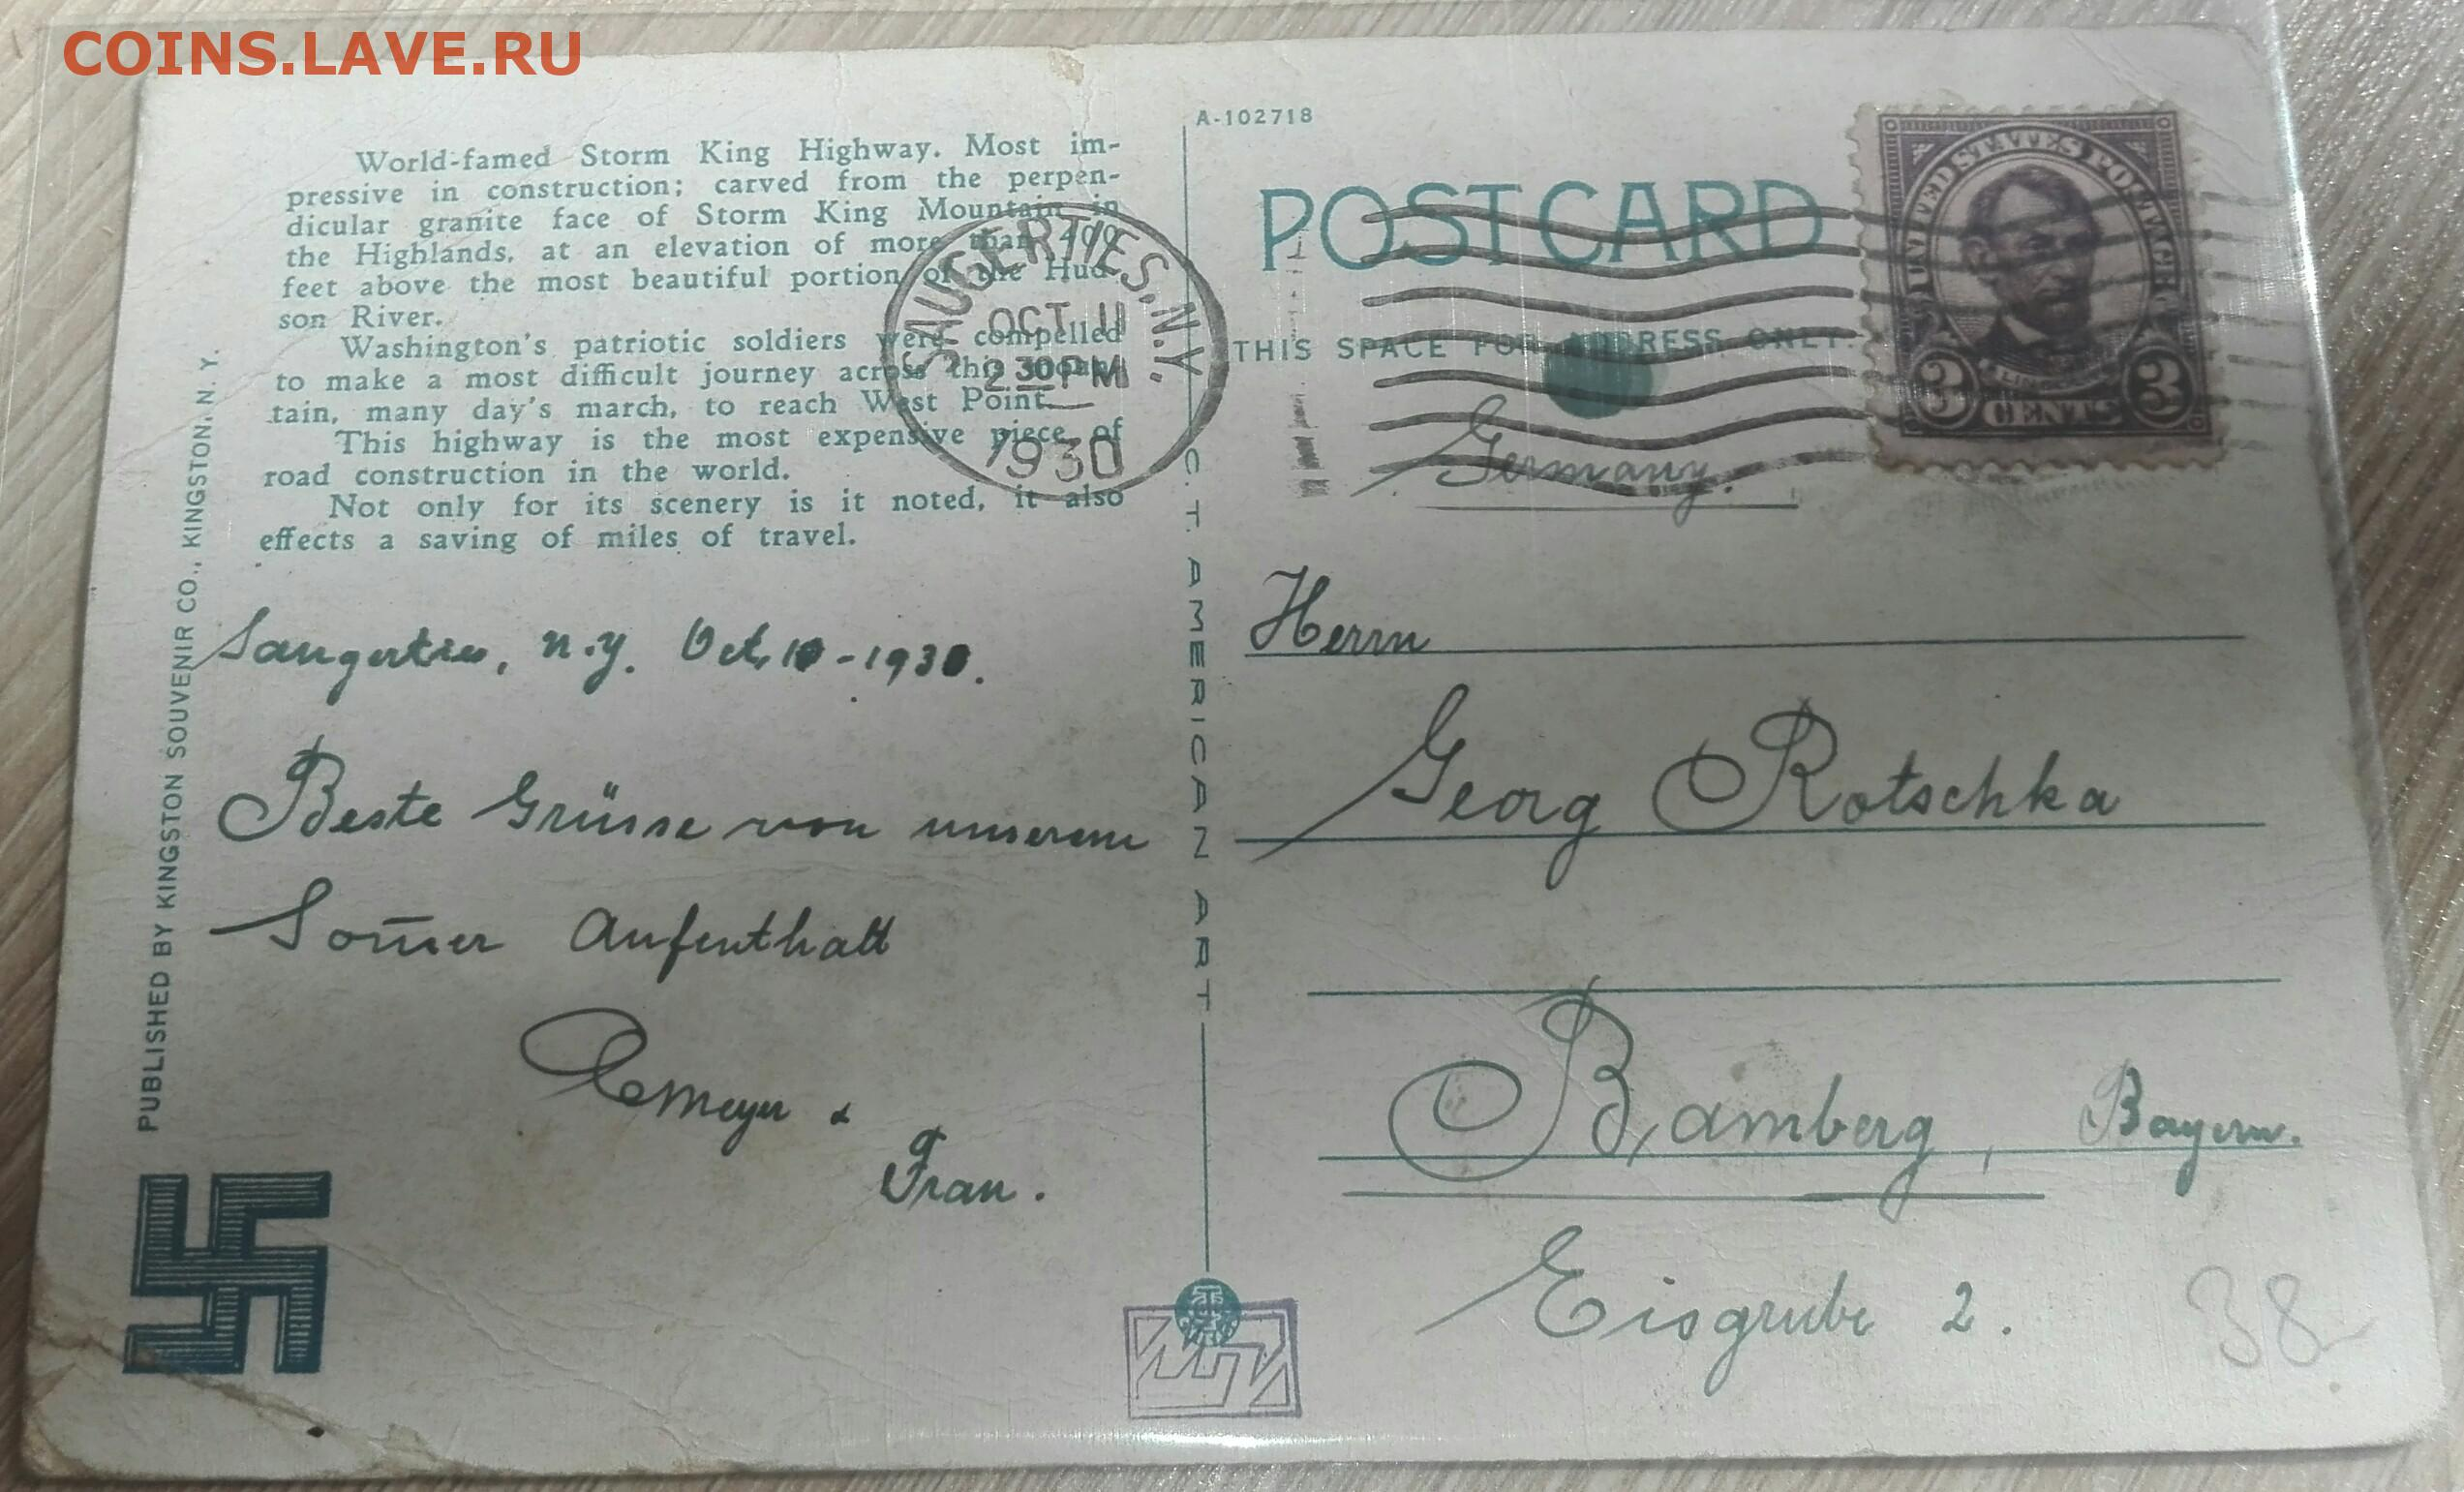 Коллекционирование конвертов 2 копейки 1930 года разновидности